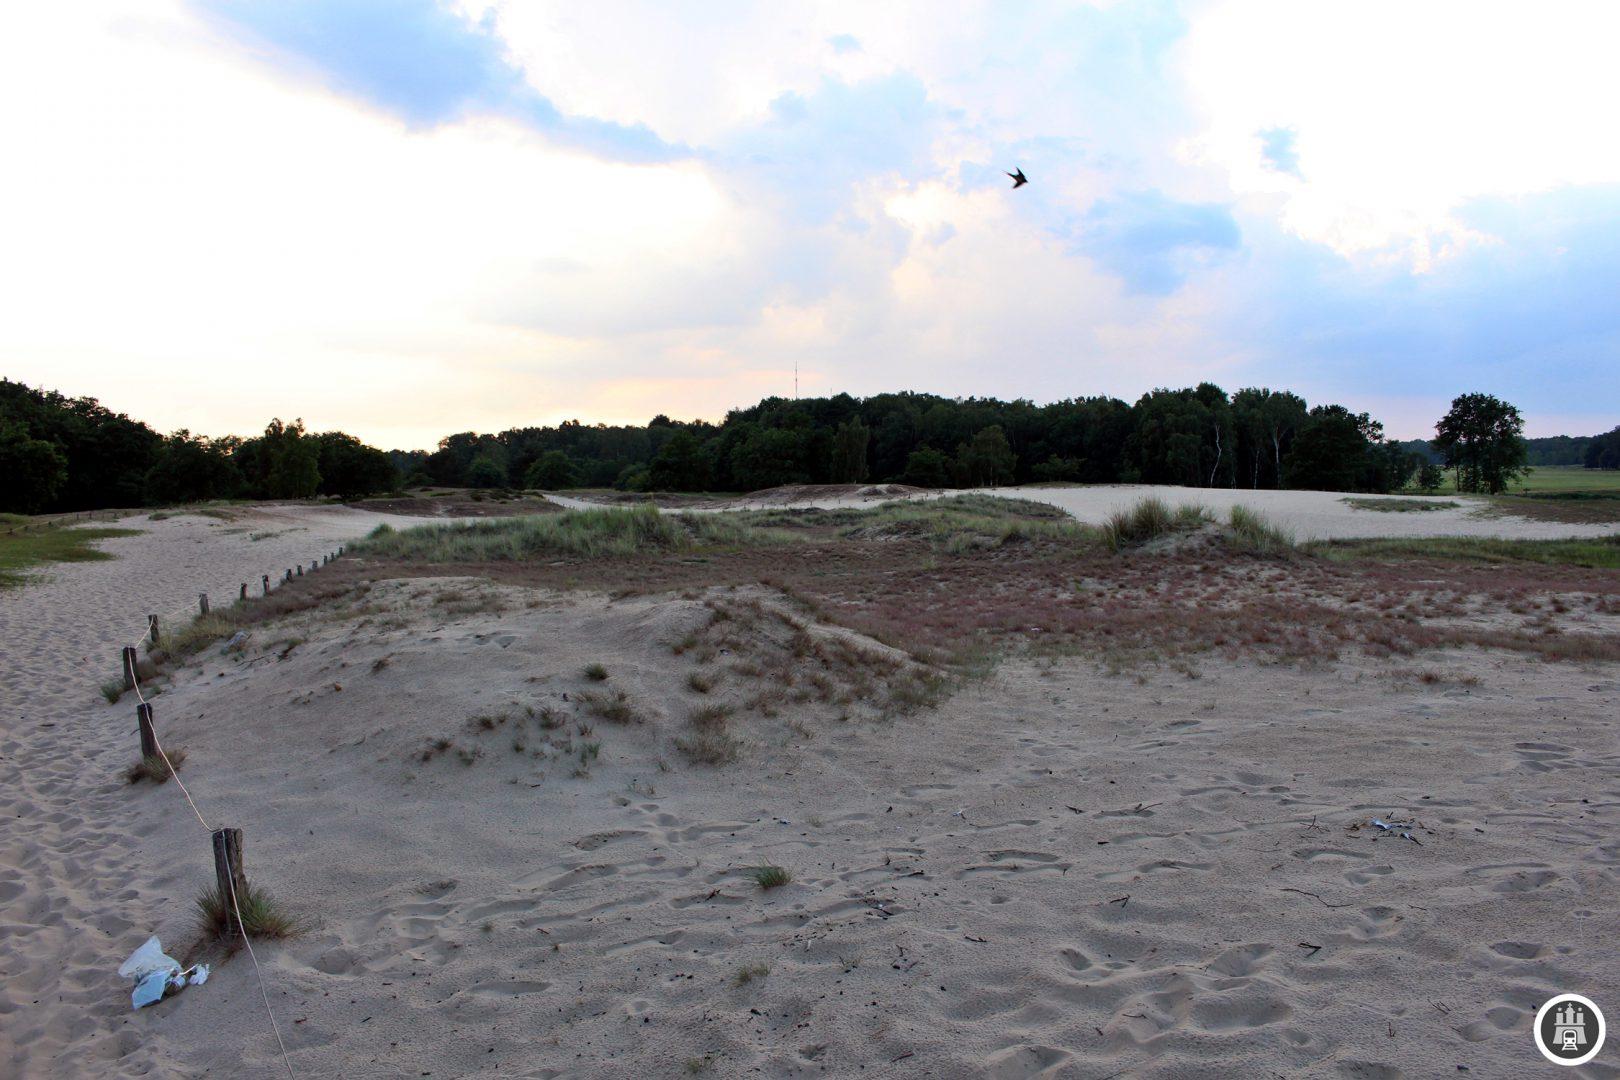 Das Naturschutzgebiet Boberg sticht vor allem durch seine Dünen hervor, die sonst eigentlich nur am Meer anzutreffen sind. Zudem befindet sich hier ein Flughafen für Segelflugzeuge. Längst kein Geheimtipp mehr ist der Boberger See, welcher in den letzten zehn Jahren vom Naturidyll zum Massenerholungsort an warmen Sommertagen verkam.